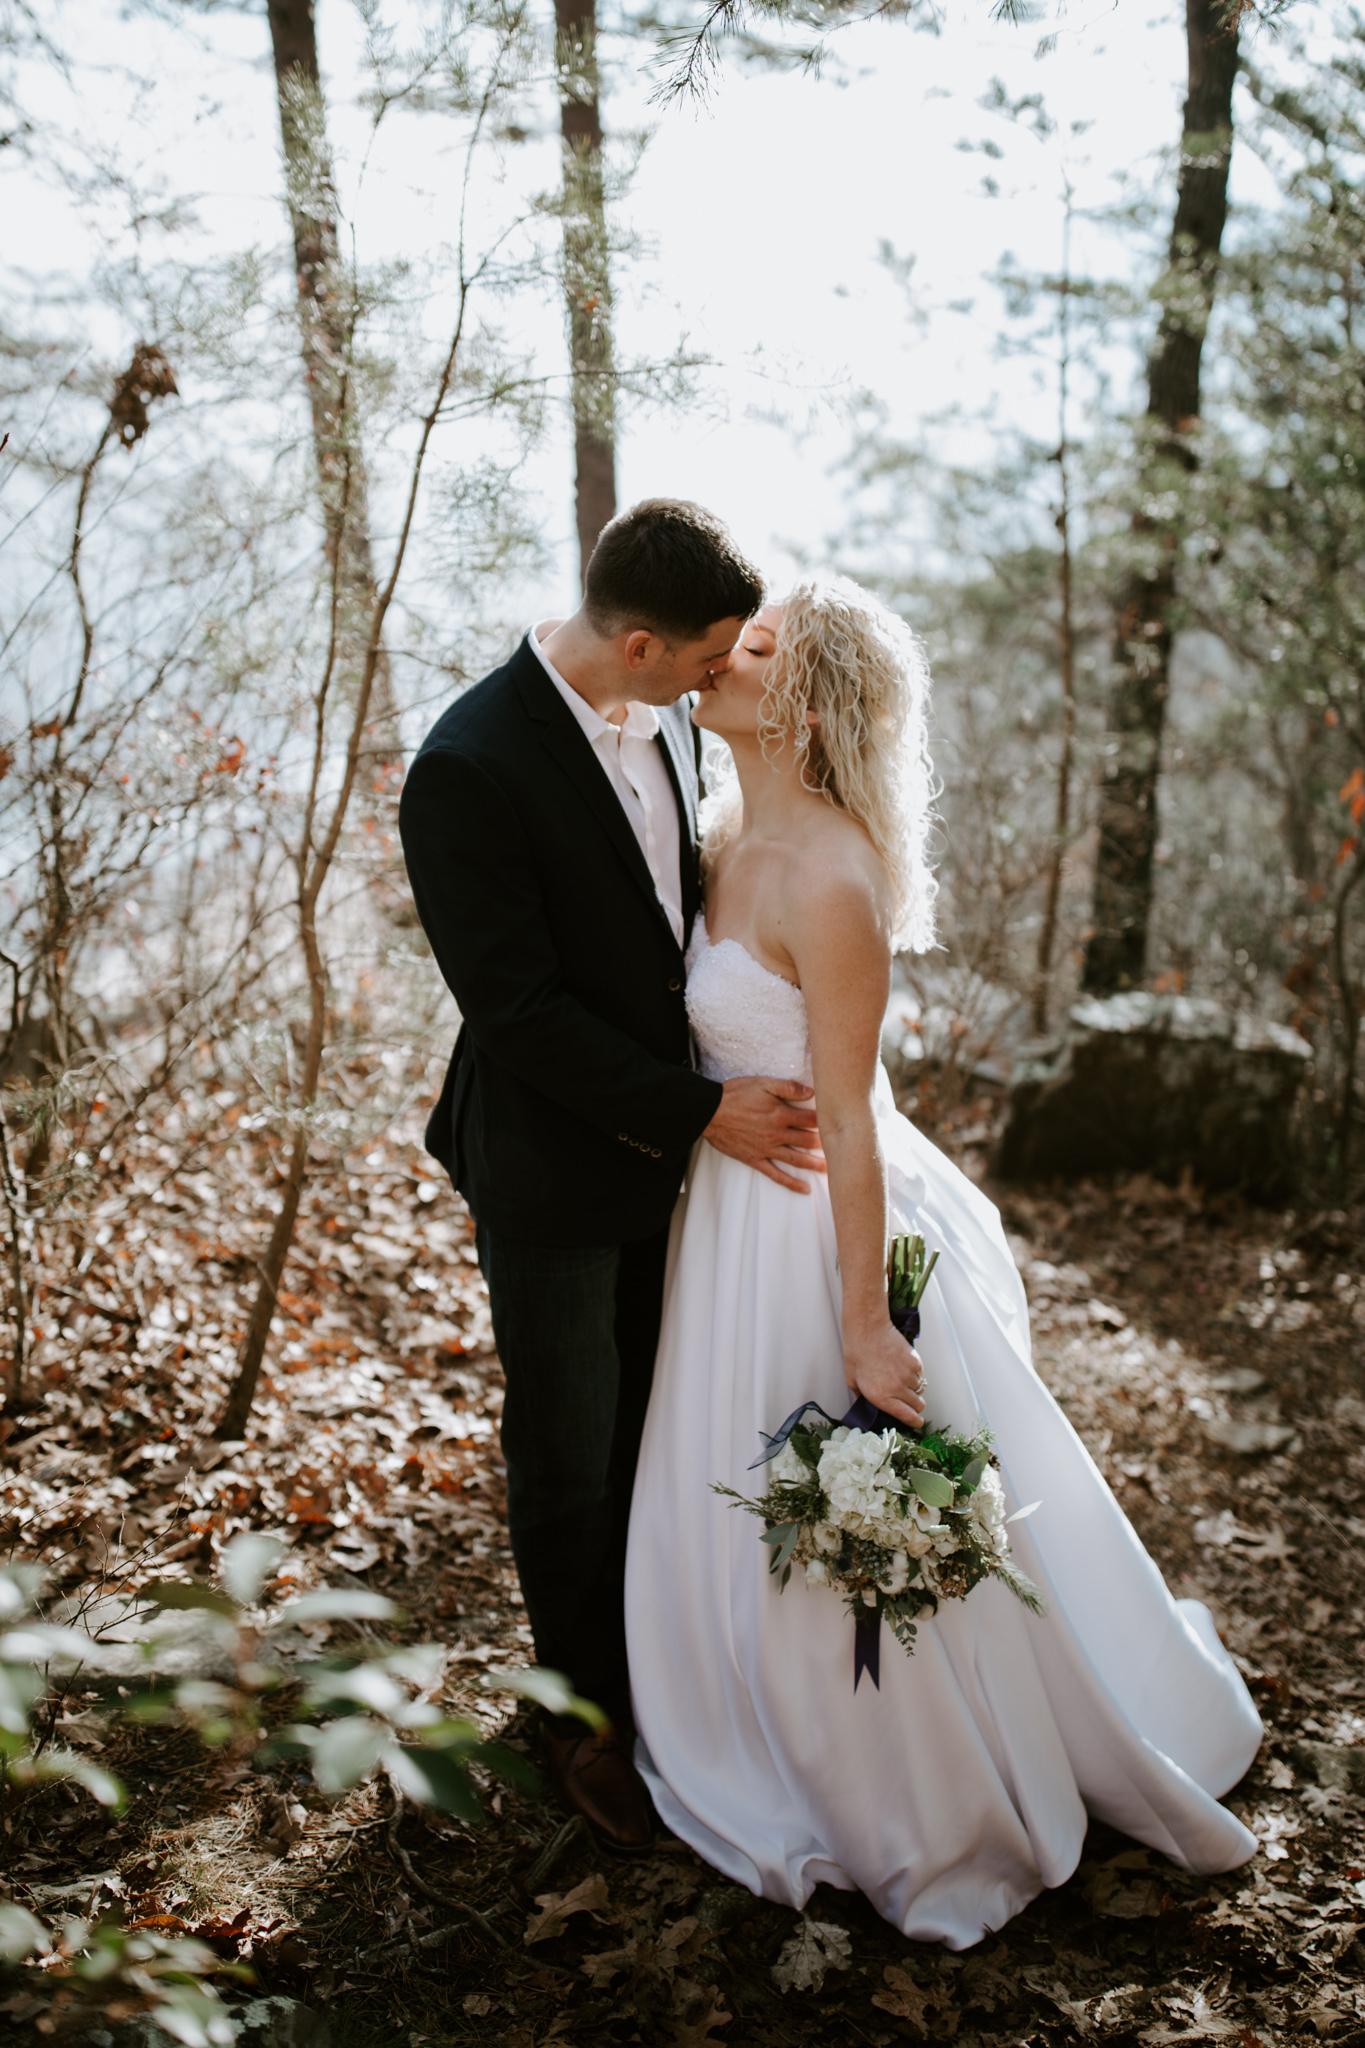 Lauren-and-Trent-Chattanooga-Nashville-Wedding-Elopement-Photographer-16.jpg